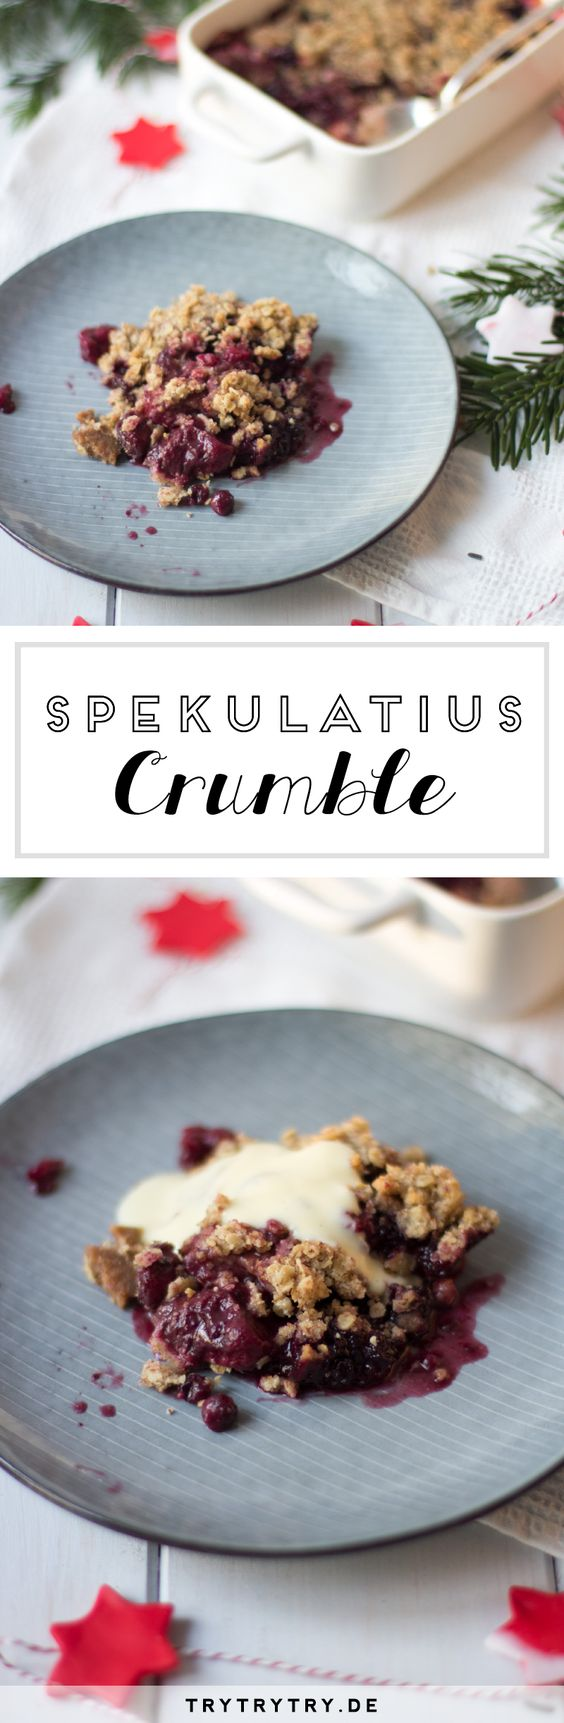 Rezept für Weihnachts-Spekulatius Crumble mit Beeren. Das perfekte Dessert für Weihnachten